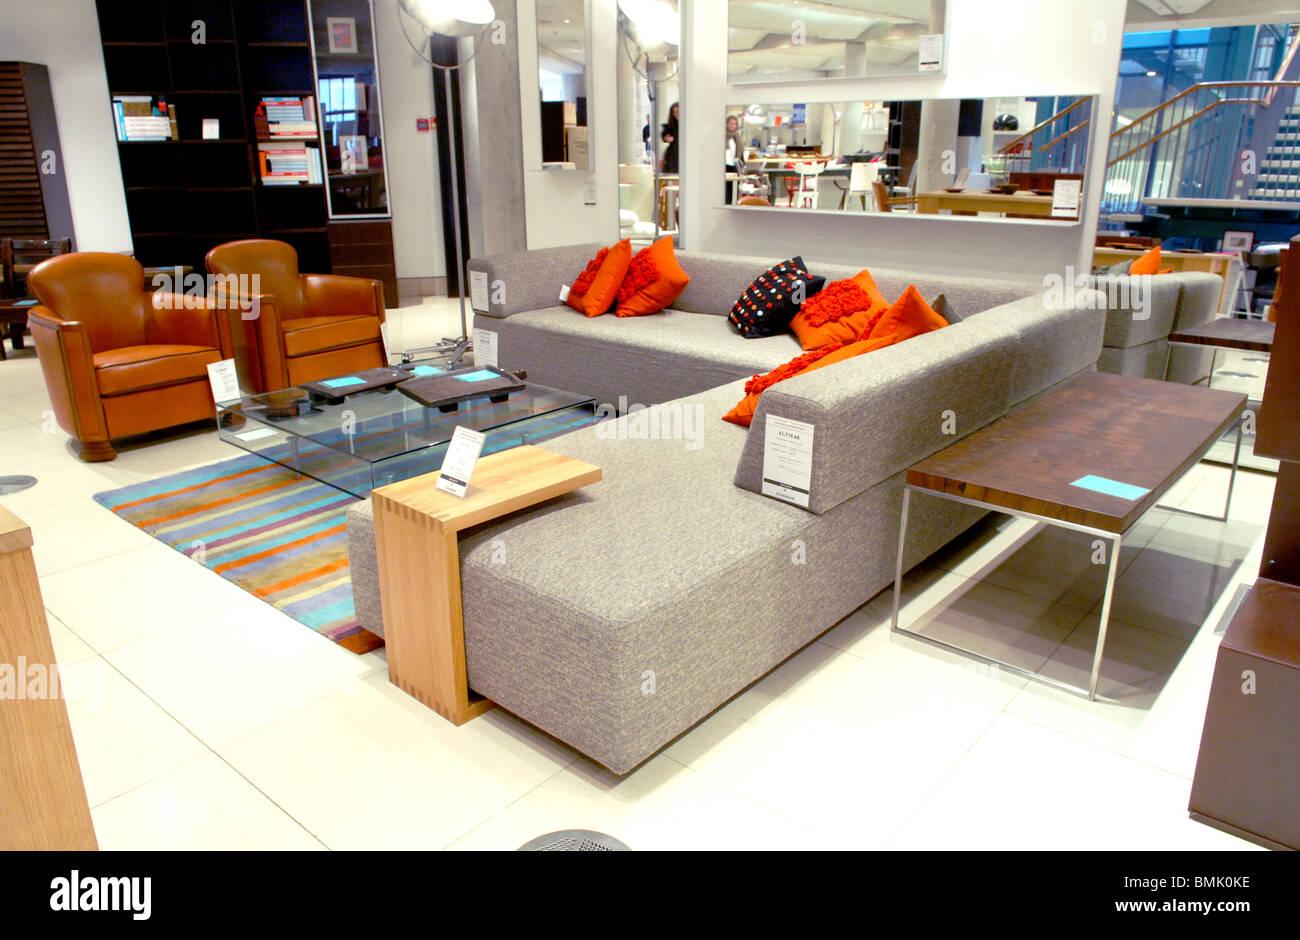 Furniture Shop Interior Stockfotos & Furniture Shop Interior Bilder ...